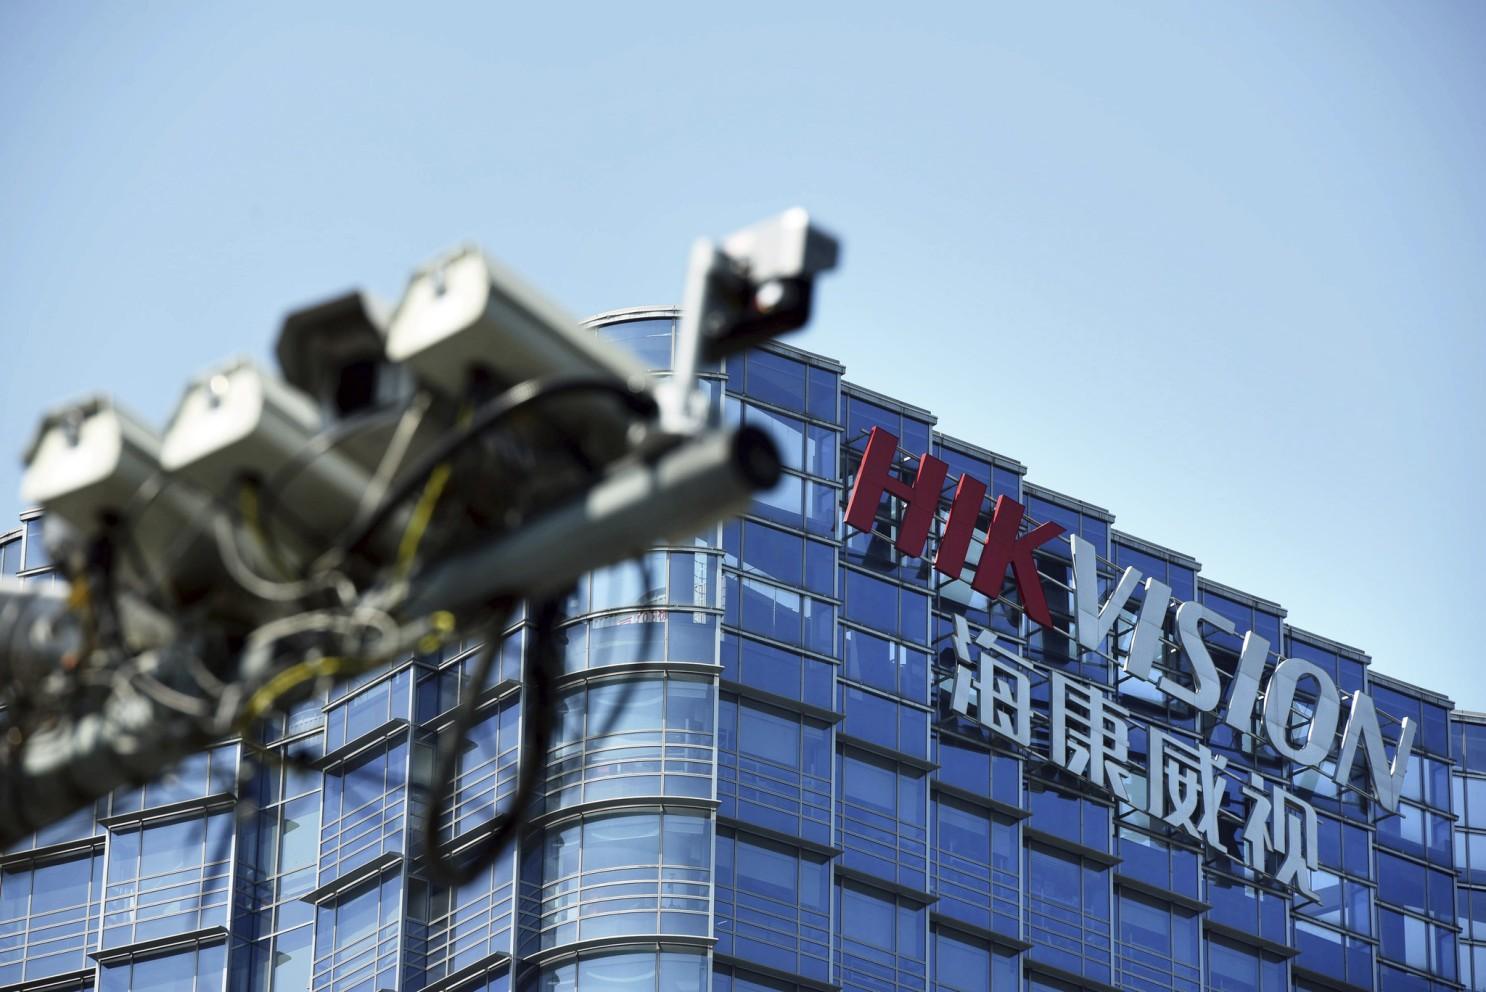 В США могут запретить камеры наблюдения от китайских производителей